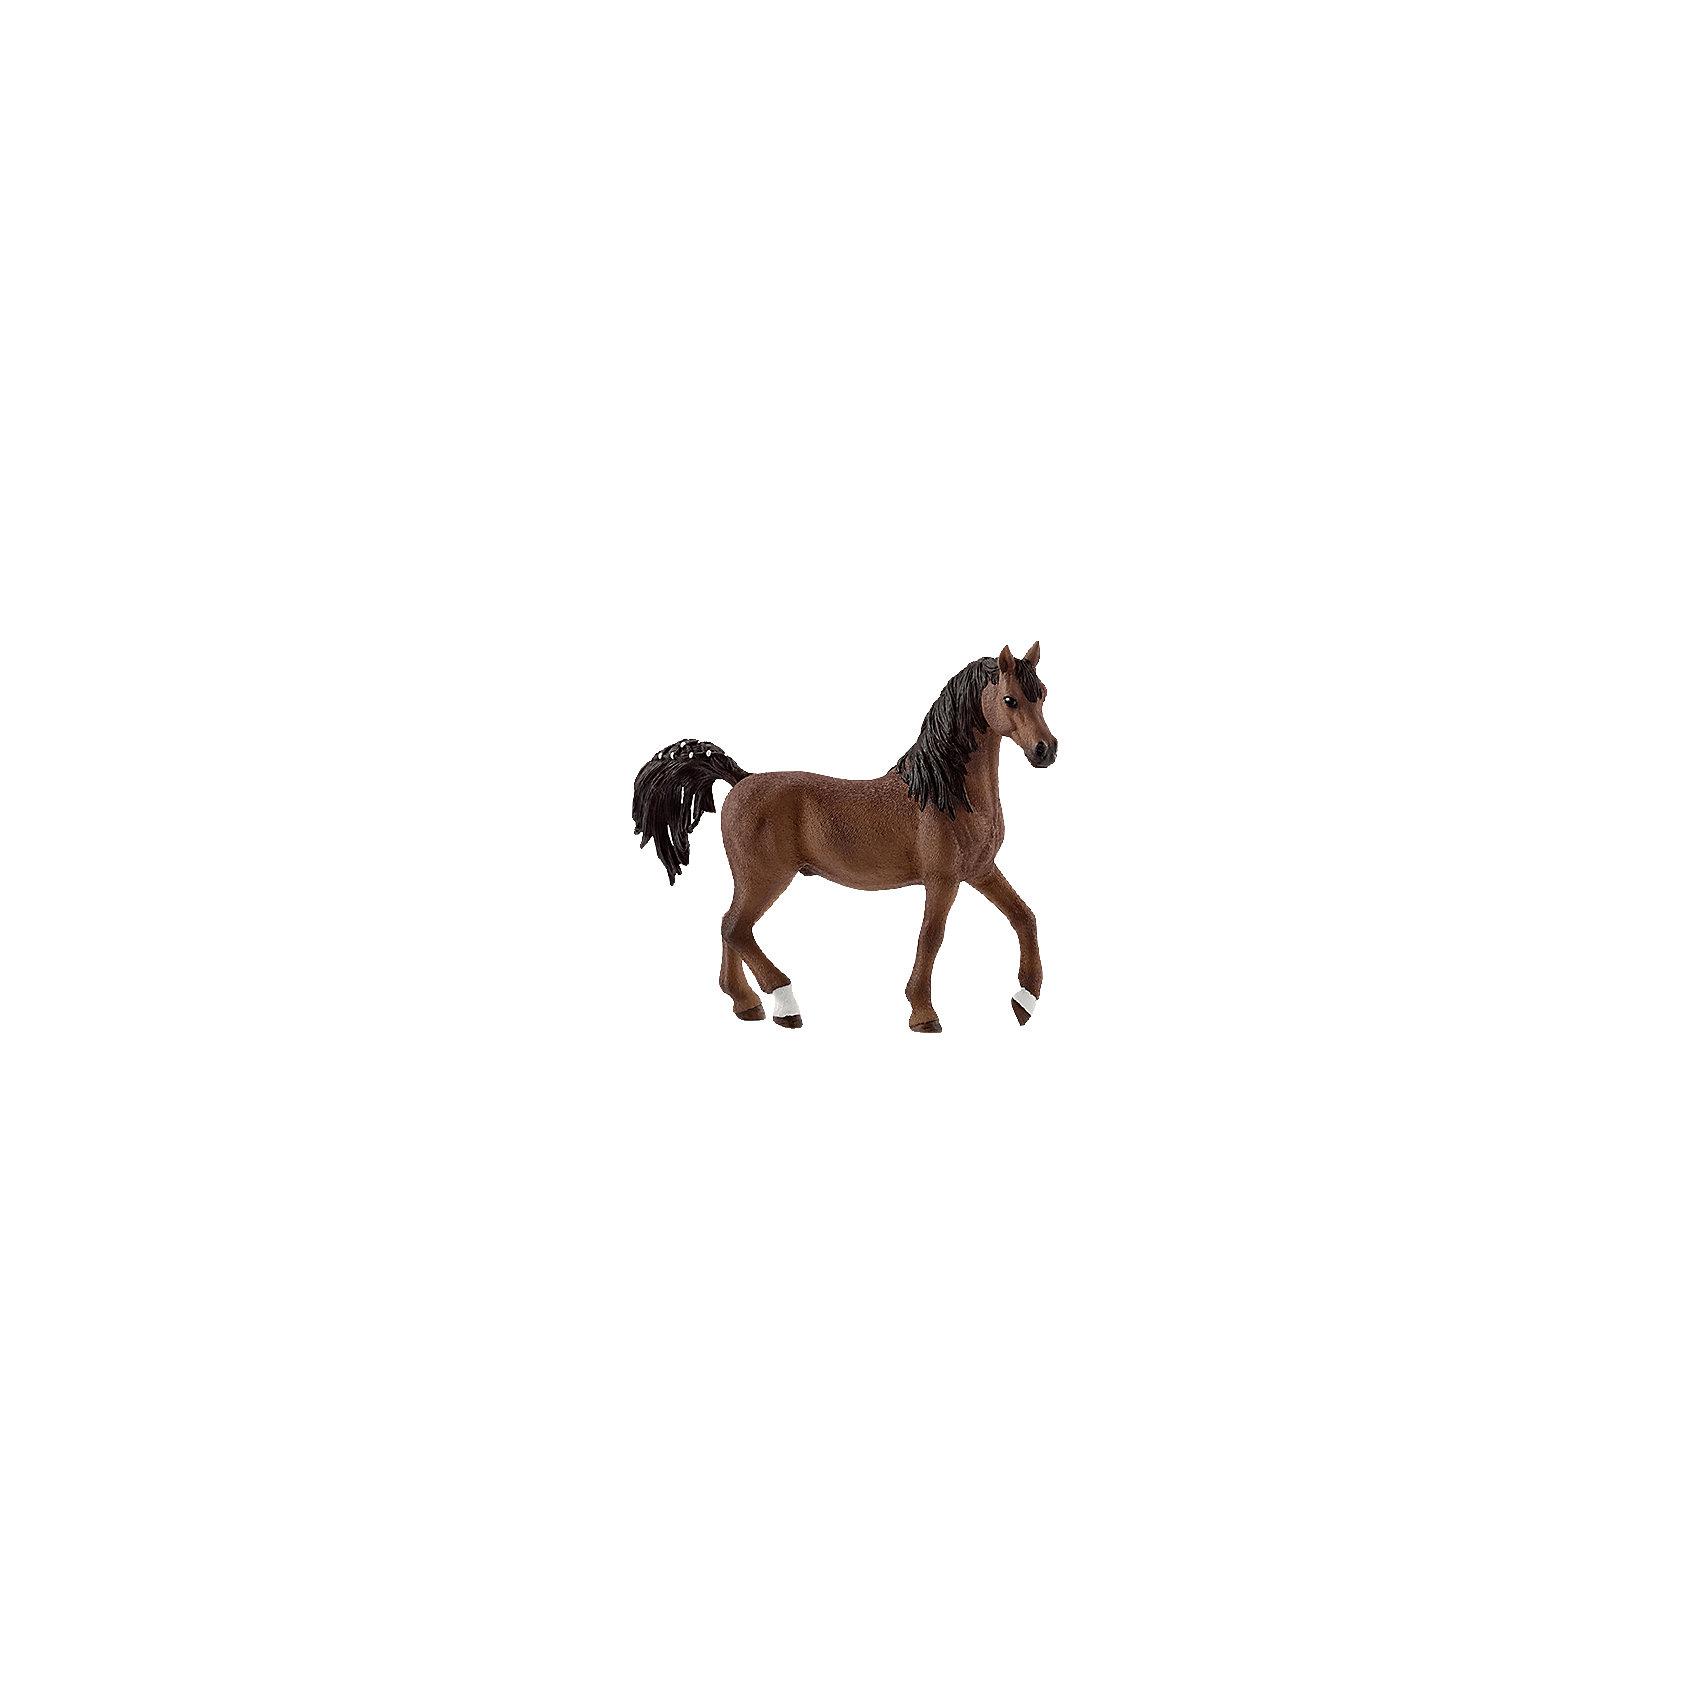 Арабский жеребец, SchleichАрабский жеребец, Schleich (Шляйх) – это высококачественная коллекционная и игровая фигурка.<br><br>Великолепная натуралистичная фигурка Арабского жеребца станет прекрасным приобретением для ценителей фигурок лошадей.<br>Порода Арабских лошадей была выведена в Аравии. Порода отличается выносливостью, прекрасно поддается дрессировке. Раньше Арабская лошадь использовалась, прежде всего, как орудие войны. Порода знаменита своей выносливостью, неутомимостью, при этом они дружелюбны и элегантны. Сейчас эта порода является самой популярной в мире и ежегодно завоевывает большое количество различных мировых наград. <br><br>Прекрасно выполненные фигурки Schleich (Шляйх) являются максимально точной копией настоящих животных и отличаются высочайшим качеством игрушек ручной работы. Каждая фигурка разработана с учетом исследований в области педагогики.<br><br>Фигурка Арабского жеребца прекрасно разнообразит игру вашего ребенка и станет отличным пополнением коллекции его фигурок животных.<br><br>Все фигурки сделаны из гипоаллергенных высокотехнологичных материалов, раскрашены вручную и не вызывают аллергии у ребенка.<br><br>Дополнительная информация:<br><br>- Размер фигурки: 12 x 3.5 x 11 см..<br>- Материал: высококачественный каучуковый пластик<br><br>Фигурку Арабского жеребца, Schleich (Шляйх) можно купить в нашем интернет-магазине.<br><br>Ширина мм: 152<br>Глубина мм: 137<br>Высота мм: 40<br>Вес г: 98<br>Возраст от месяцев: 36<br>Возраст до месяцев: 96<br>Пол: Женский<br>Возраст: Детский<br>SKU: 4394580